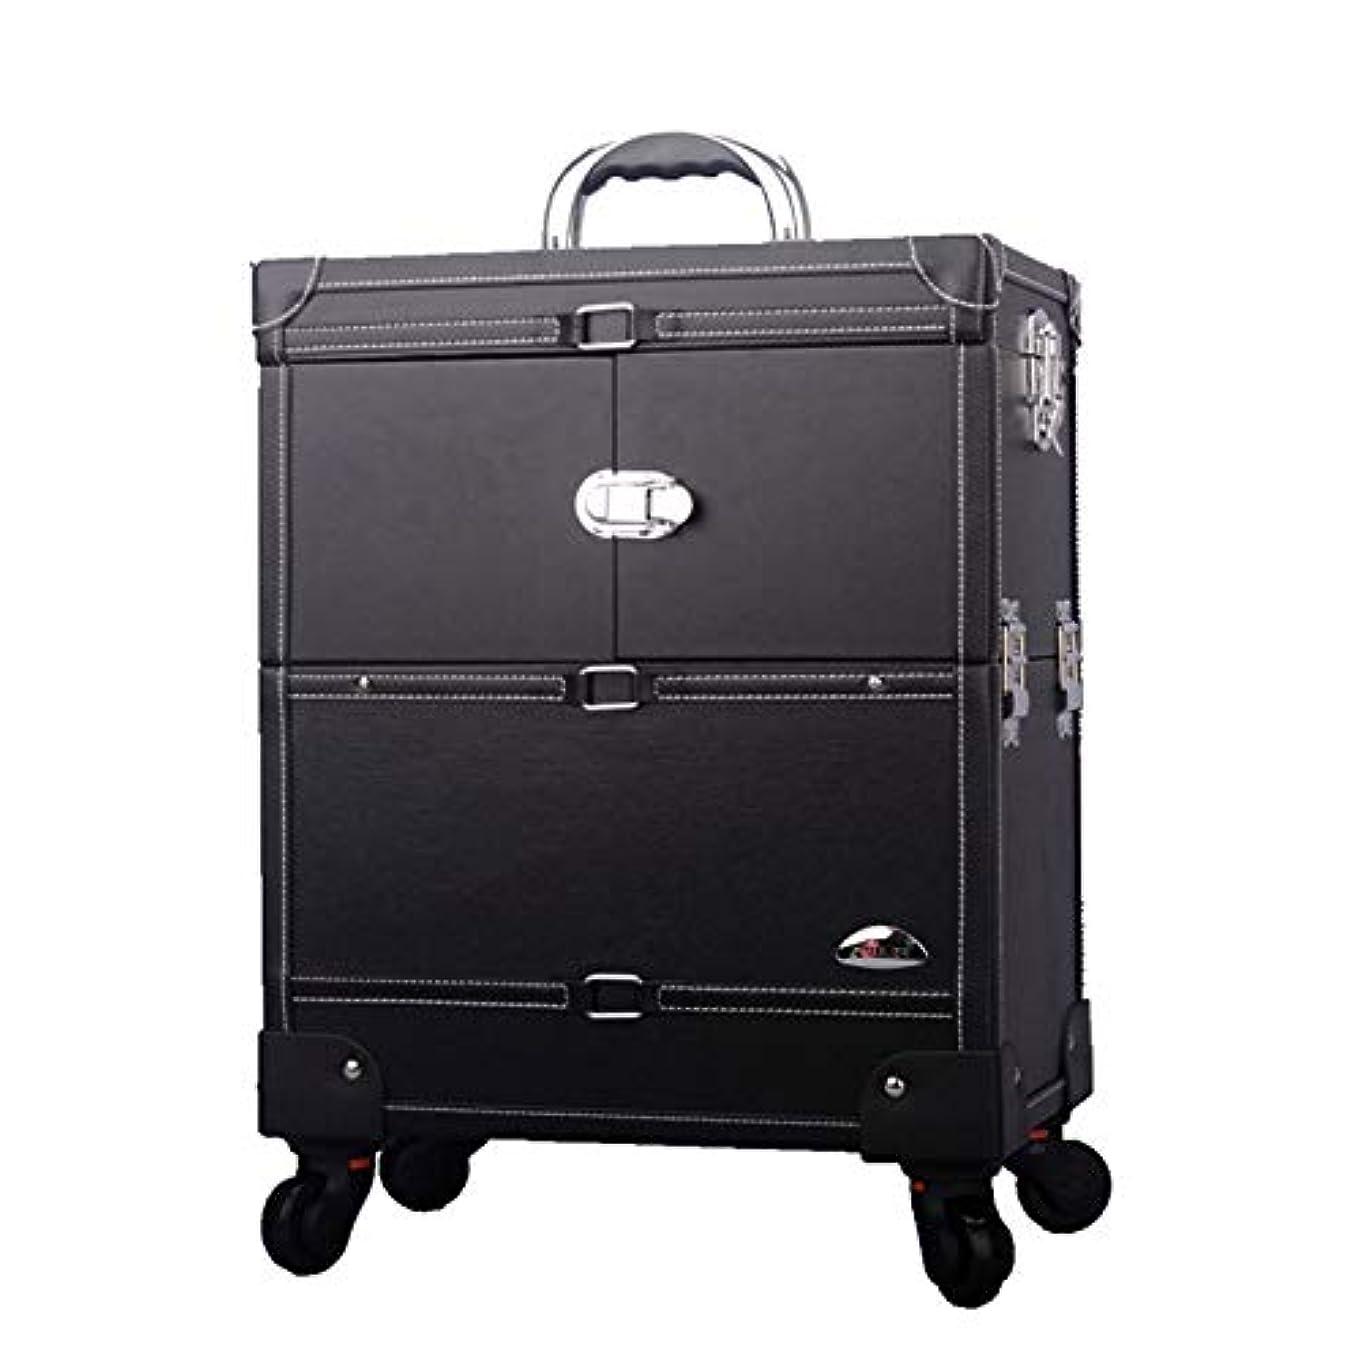 ルール増強する喜んでプロ専用 美容師 クローゼット スーツケース メイクボックス キャリーバッグ ヘアメイク プロ 大容量 軽量 高品質 多機能 I-JL-3623T-B-T